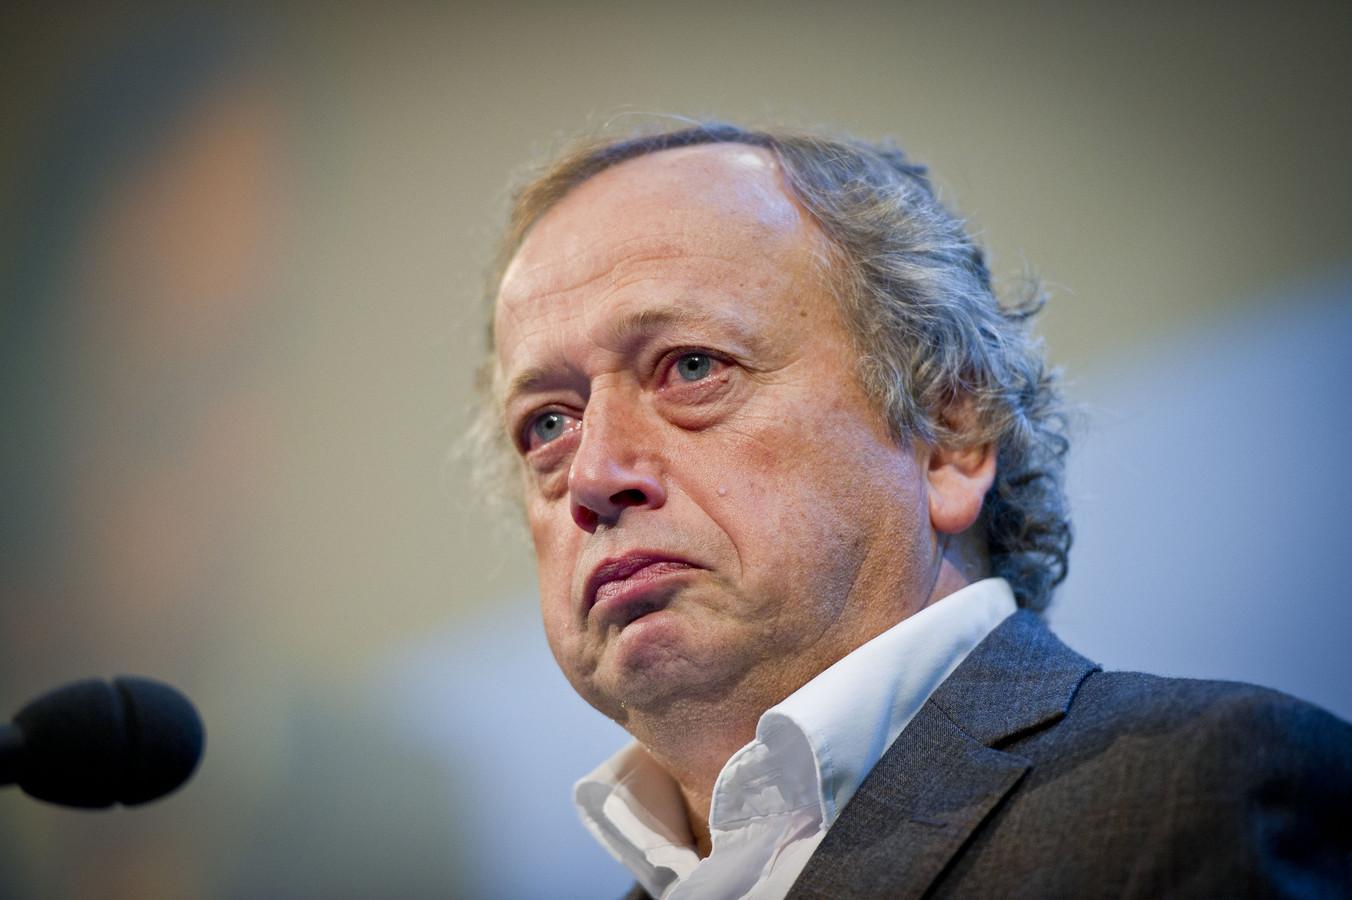 Staatssecretaris van Landbouw, Henk Bleker.